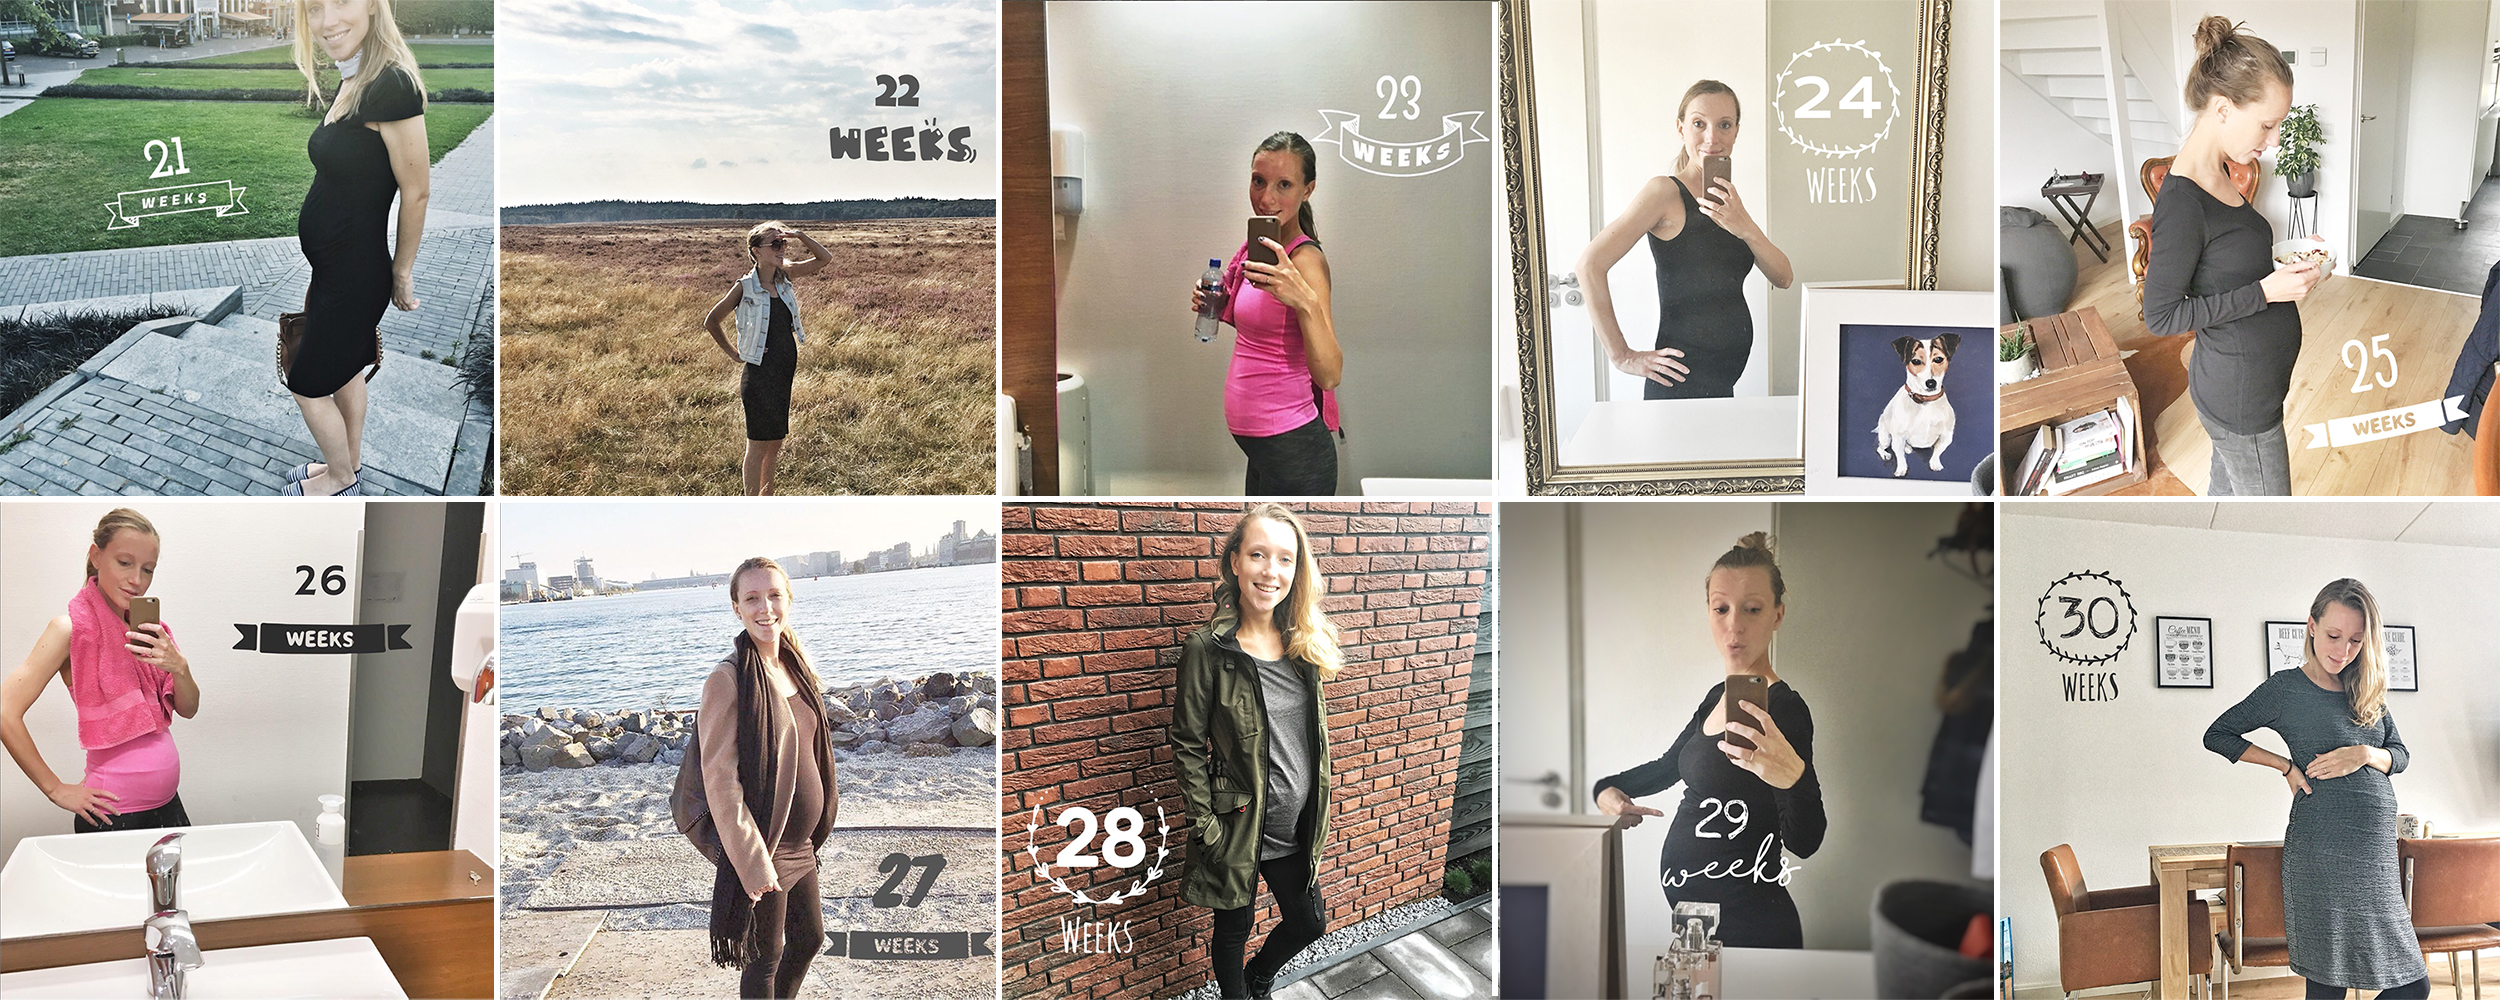 zwanger week 20 t/m 30